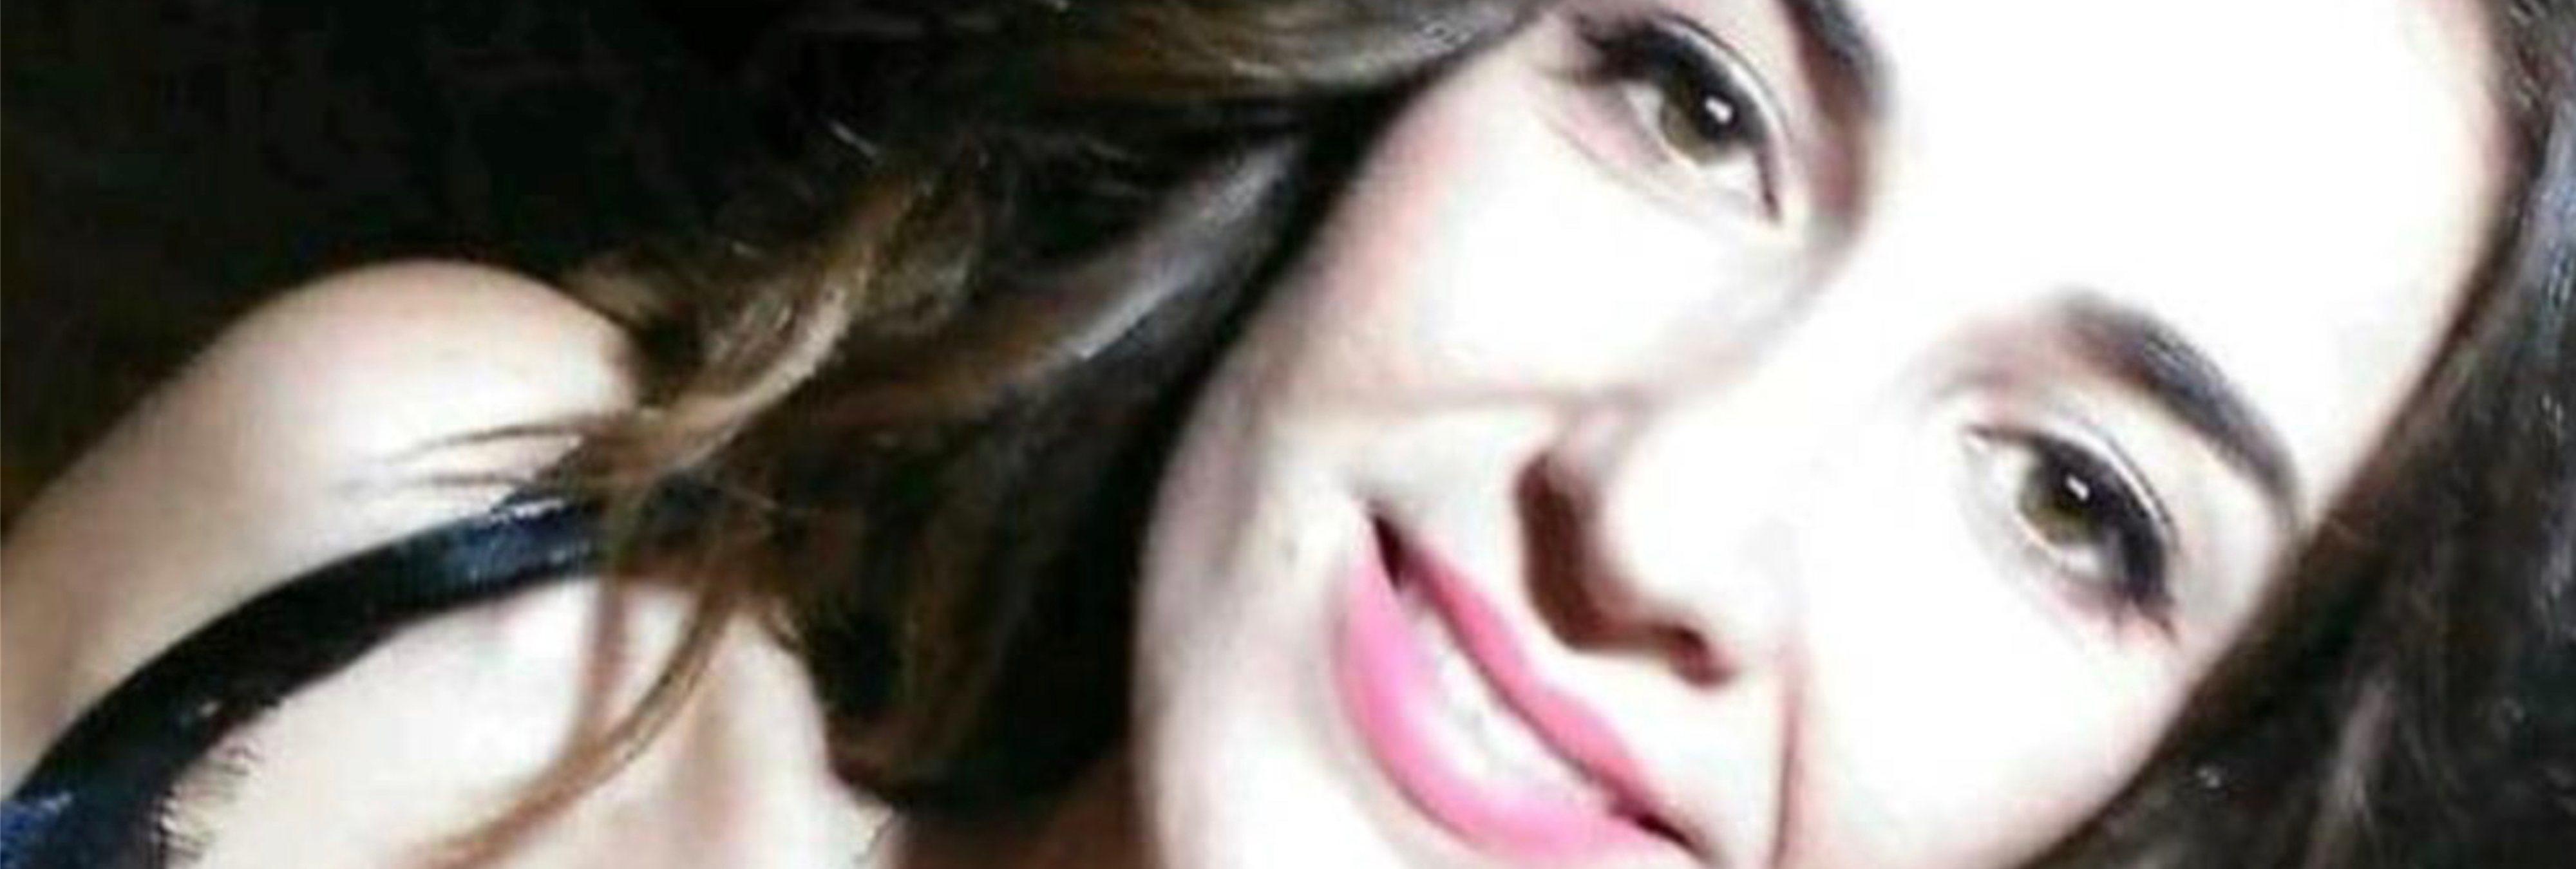 Laura Luelmo recibió más de 40 golpes, pero no se encuentran restos de semen en su cuerpo